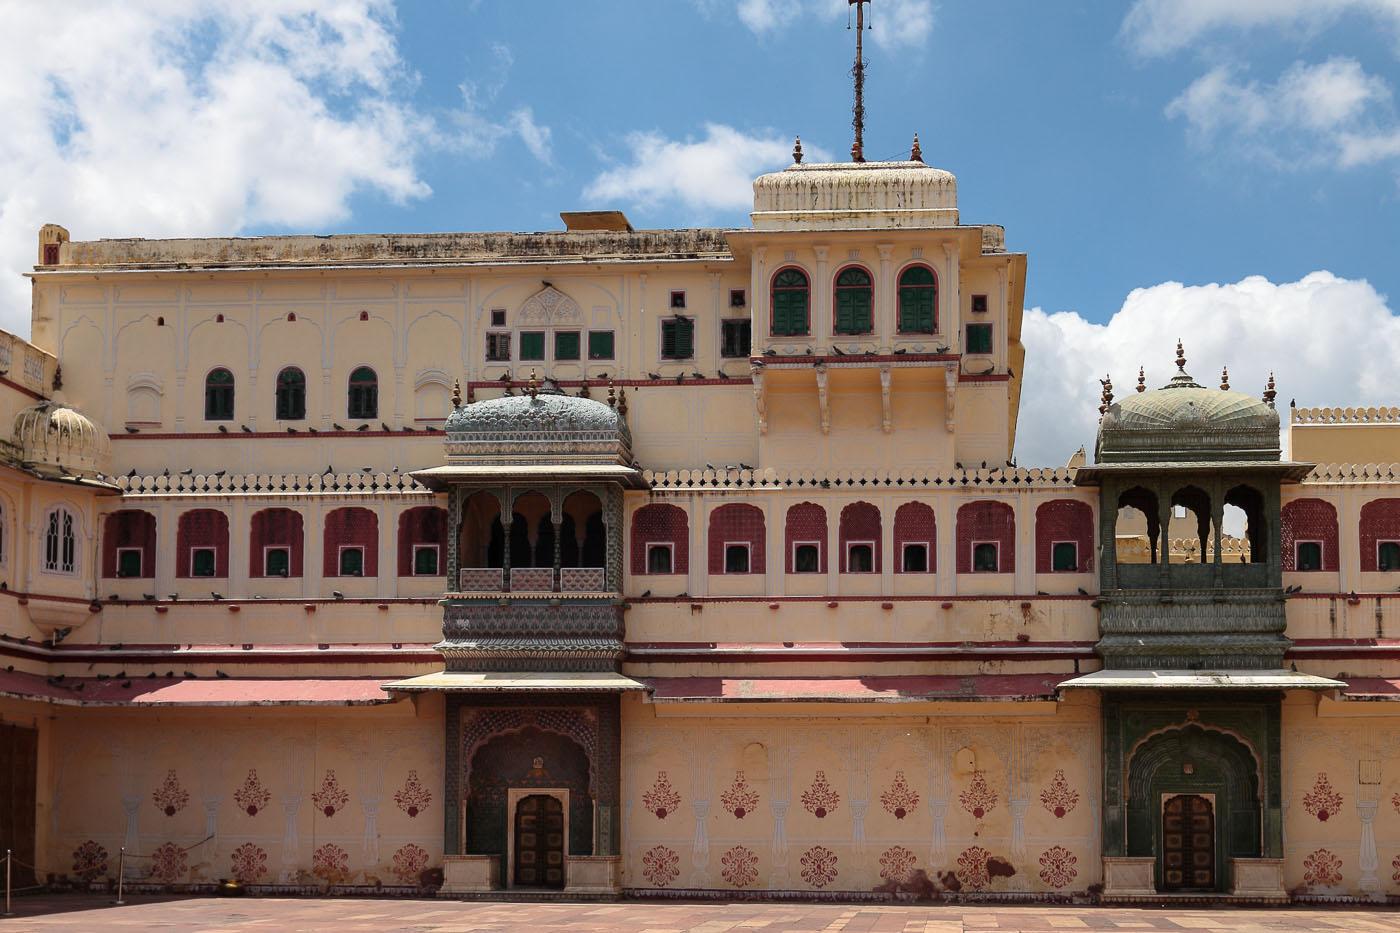 Фото 23.1. Туры в Индию. Во время экскурсии в Джайпур можно увидеть много интересных архитектурных достопримечательностей.